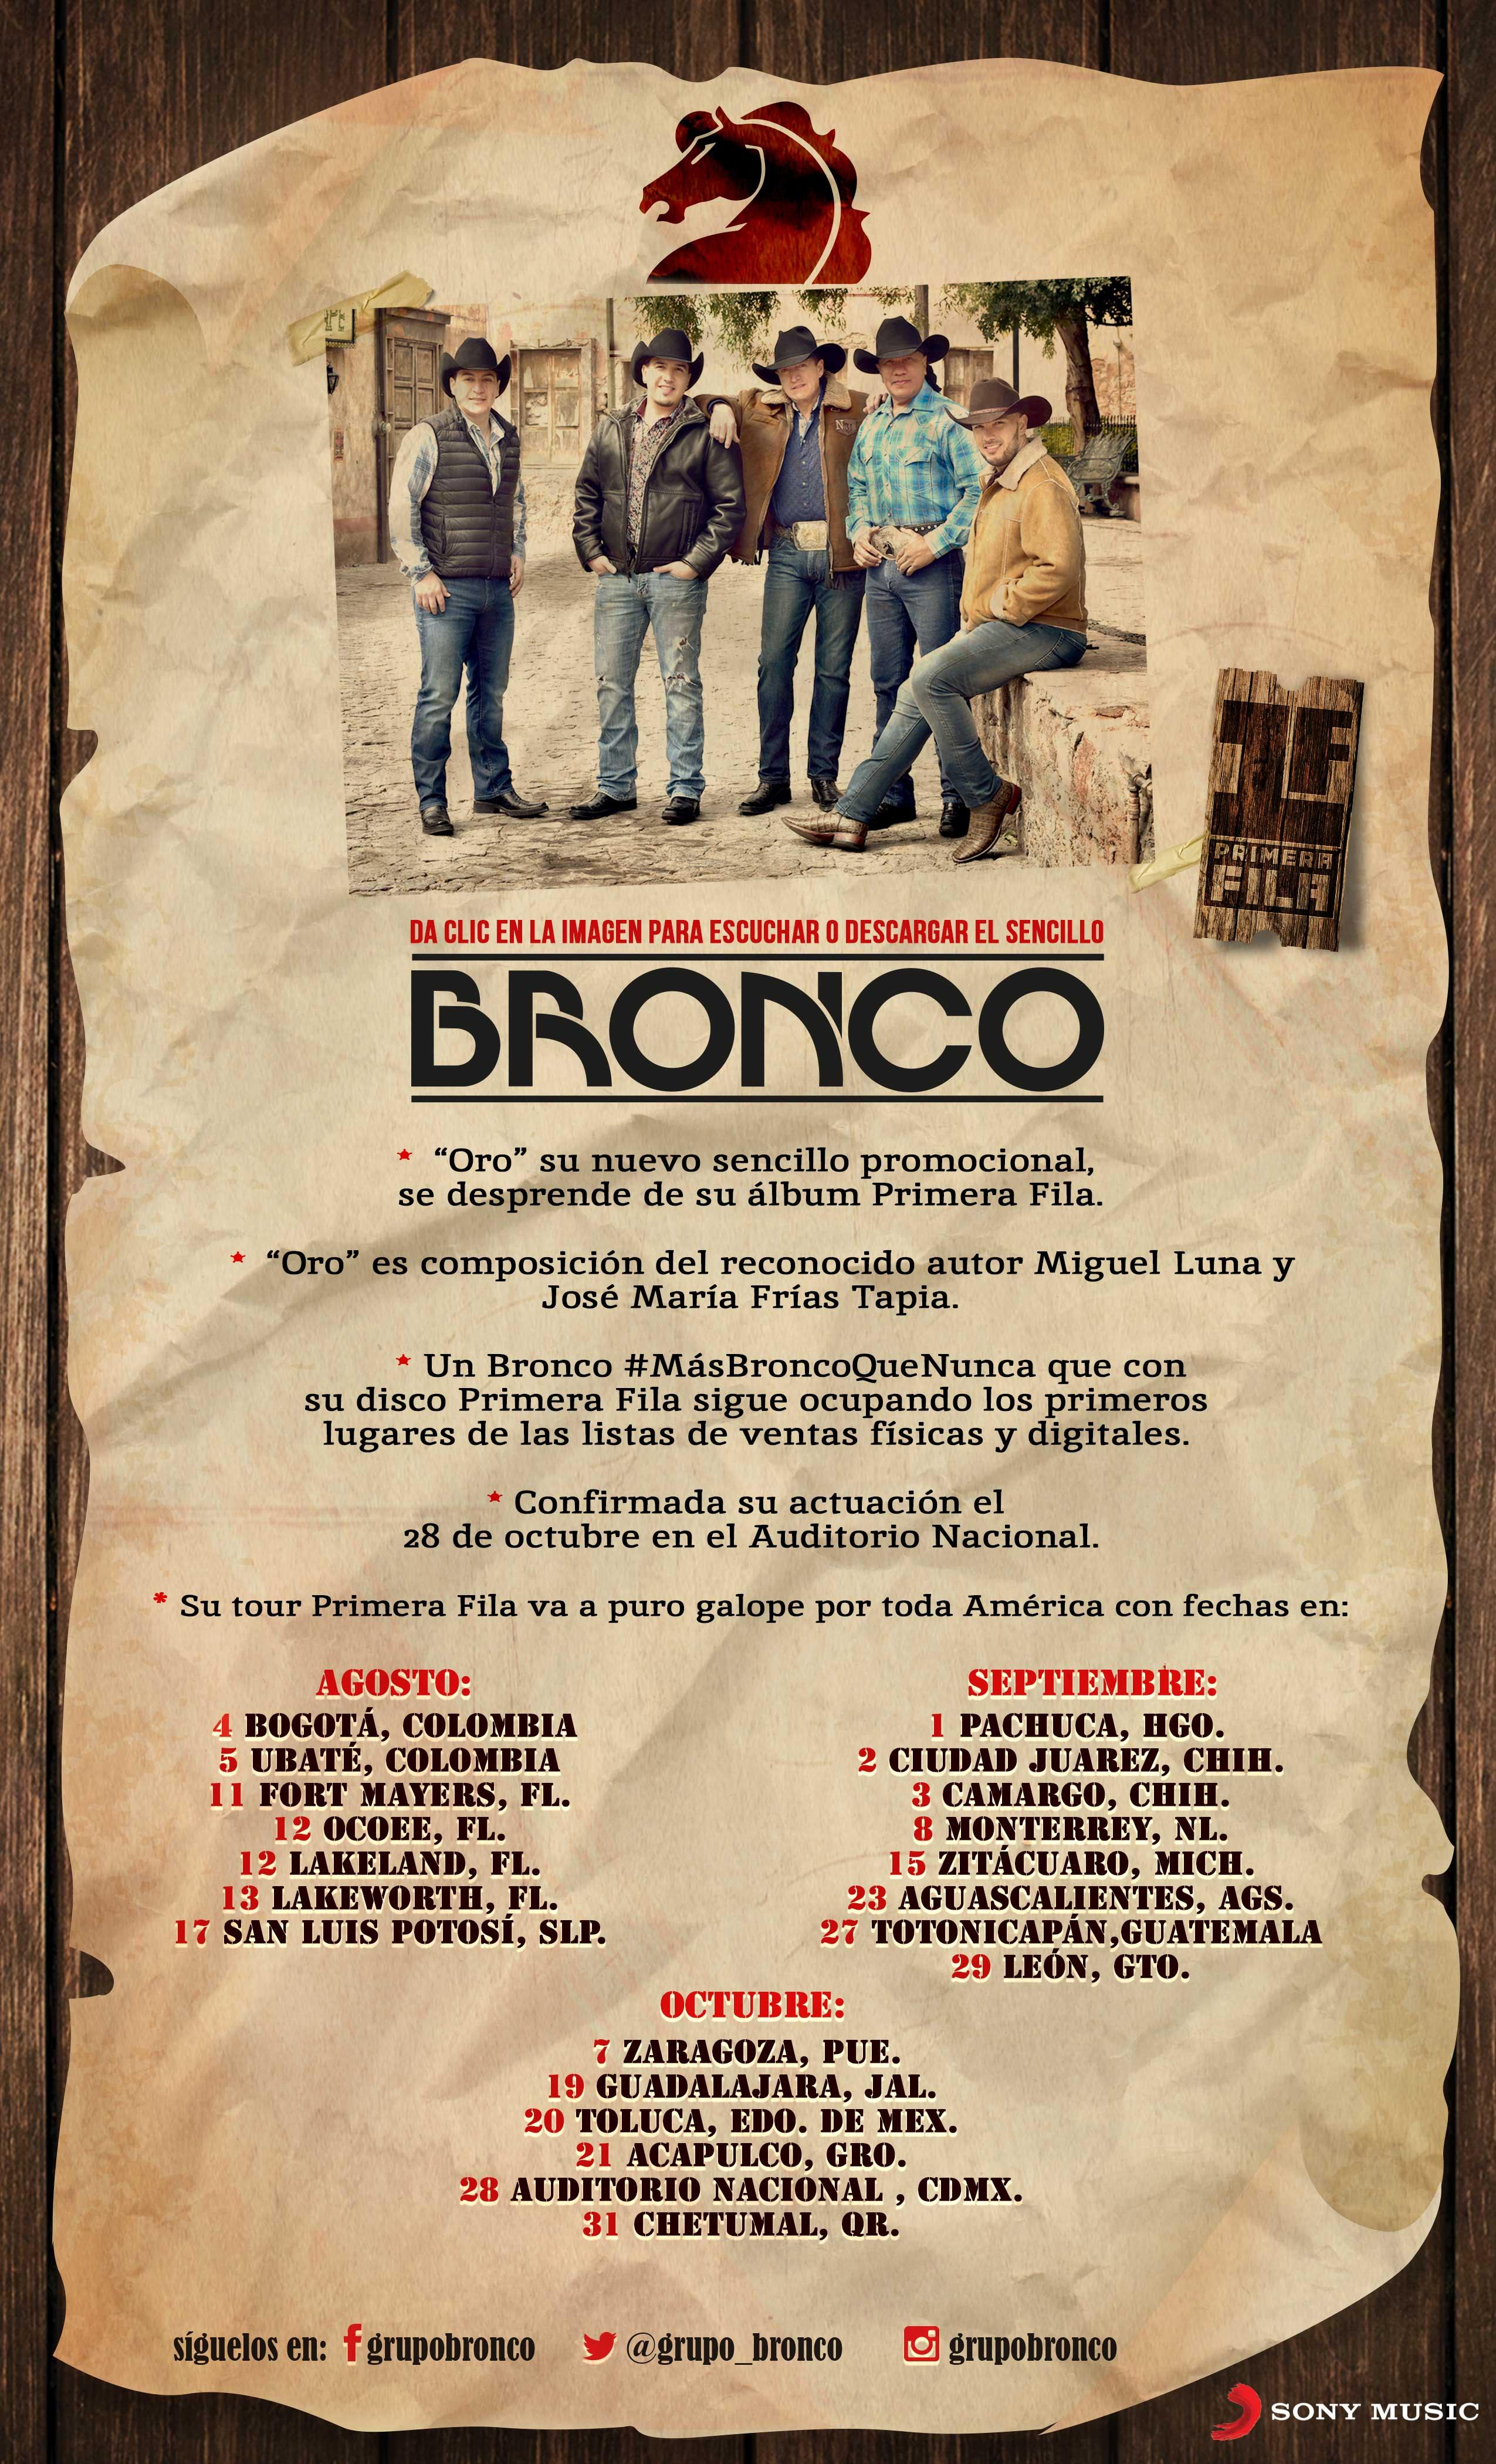 """BRONCO – """"ORO"""" es el nuevo sencillo promocional que se desprende de su álbum PRIMERA FILA"""